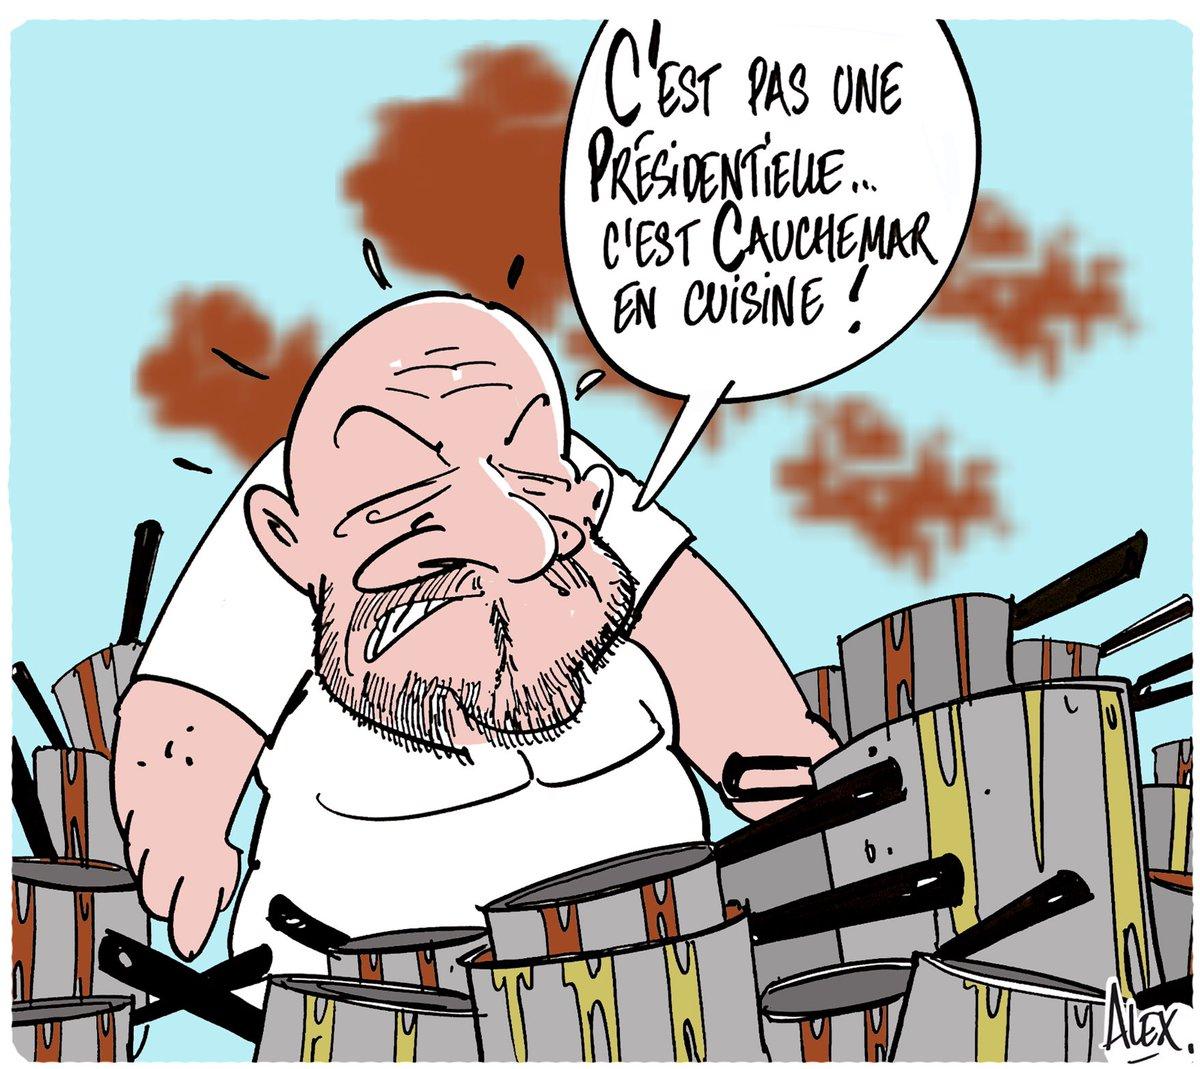 dessin du @CourrierPicard du 20.02.2017 : #Etchebest président ? #Presidentielle2017 <br>http://pic.twitter.com/Xse0XeQSI8